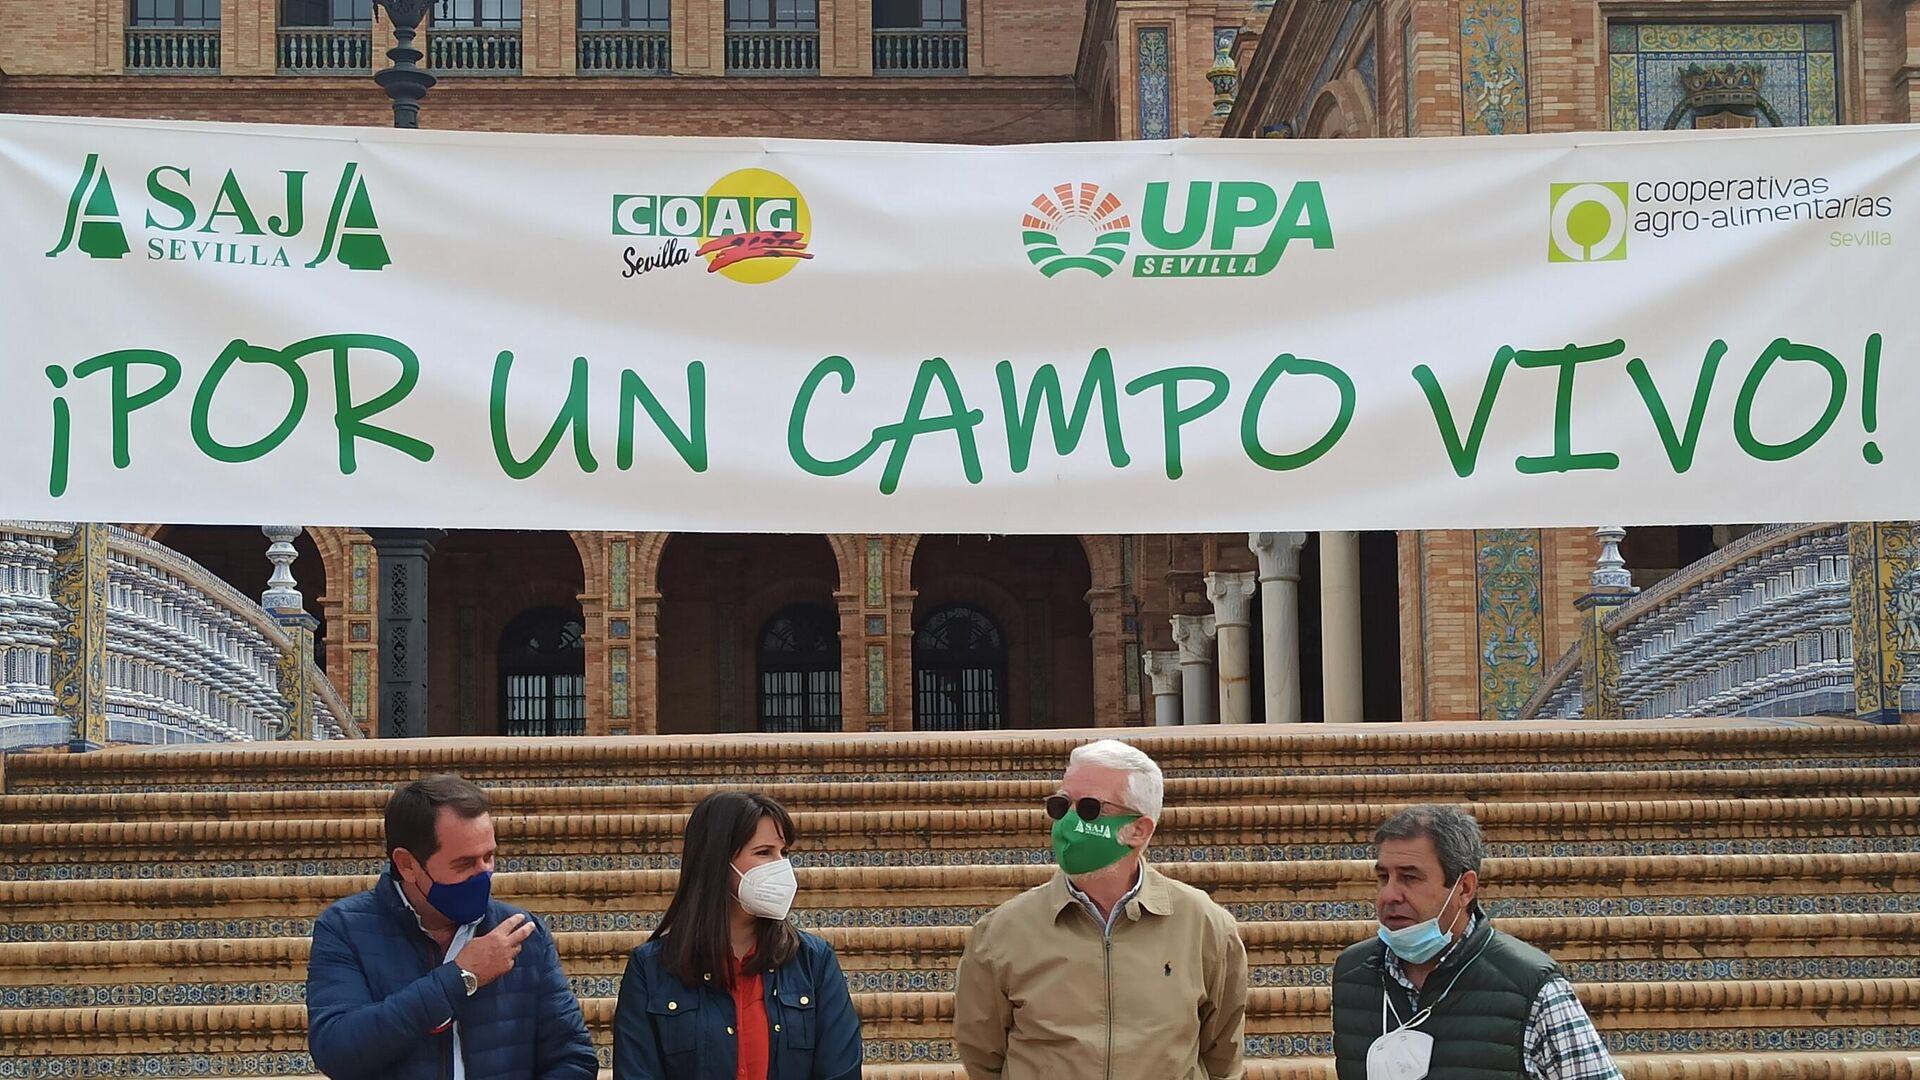 La protesta de agricultores en Sevilla - Sputnik Mundo, 1920, 15.04.2021